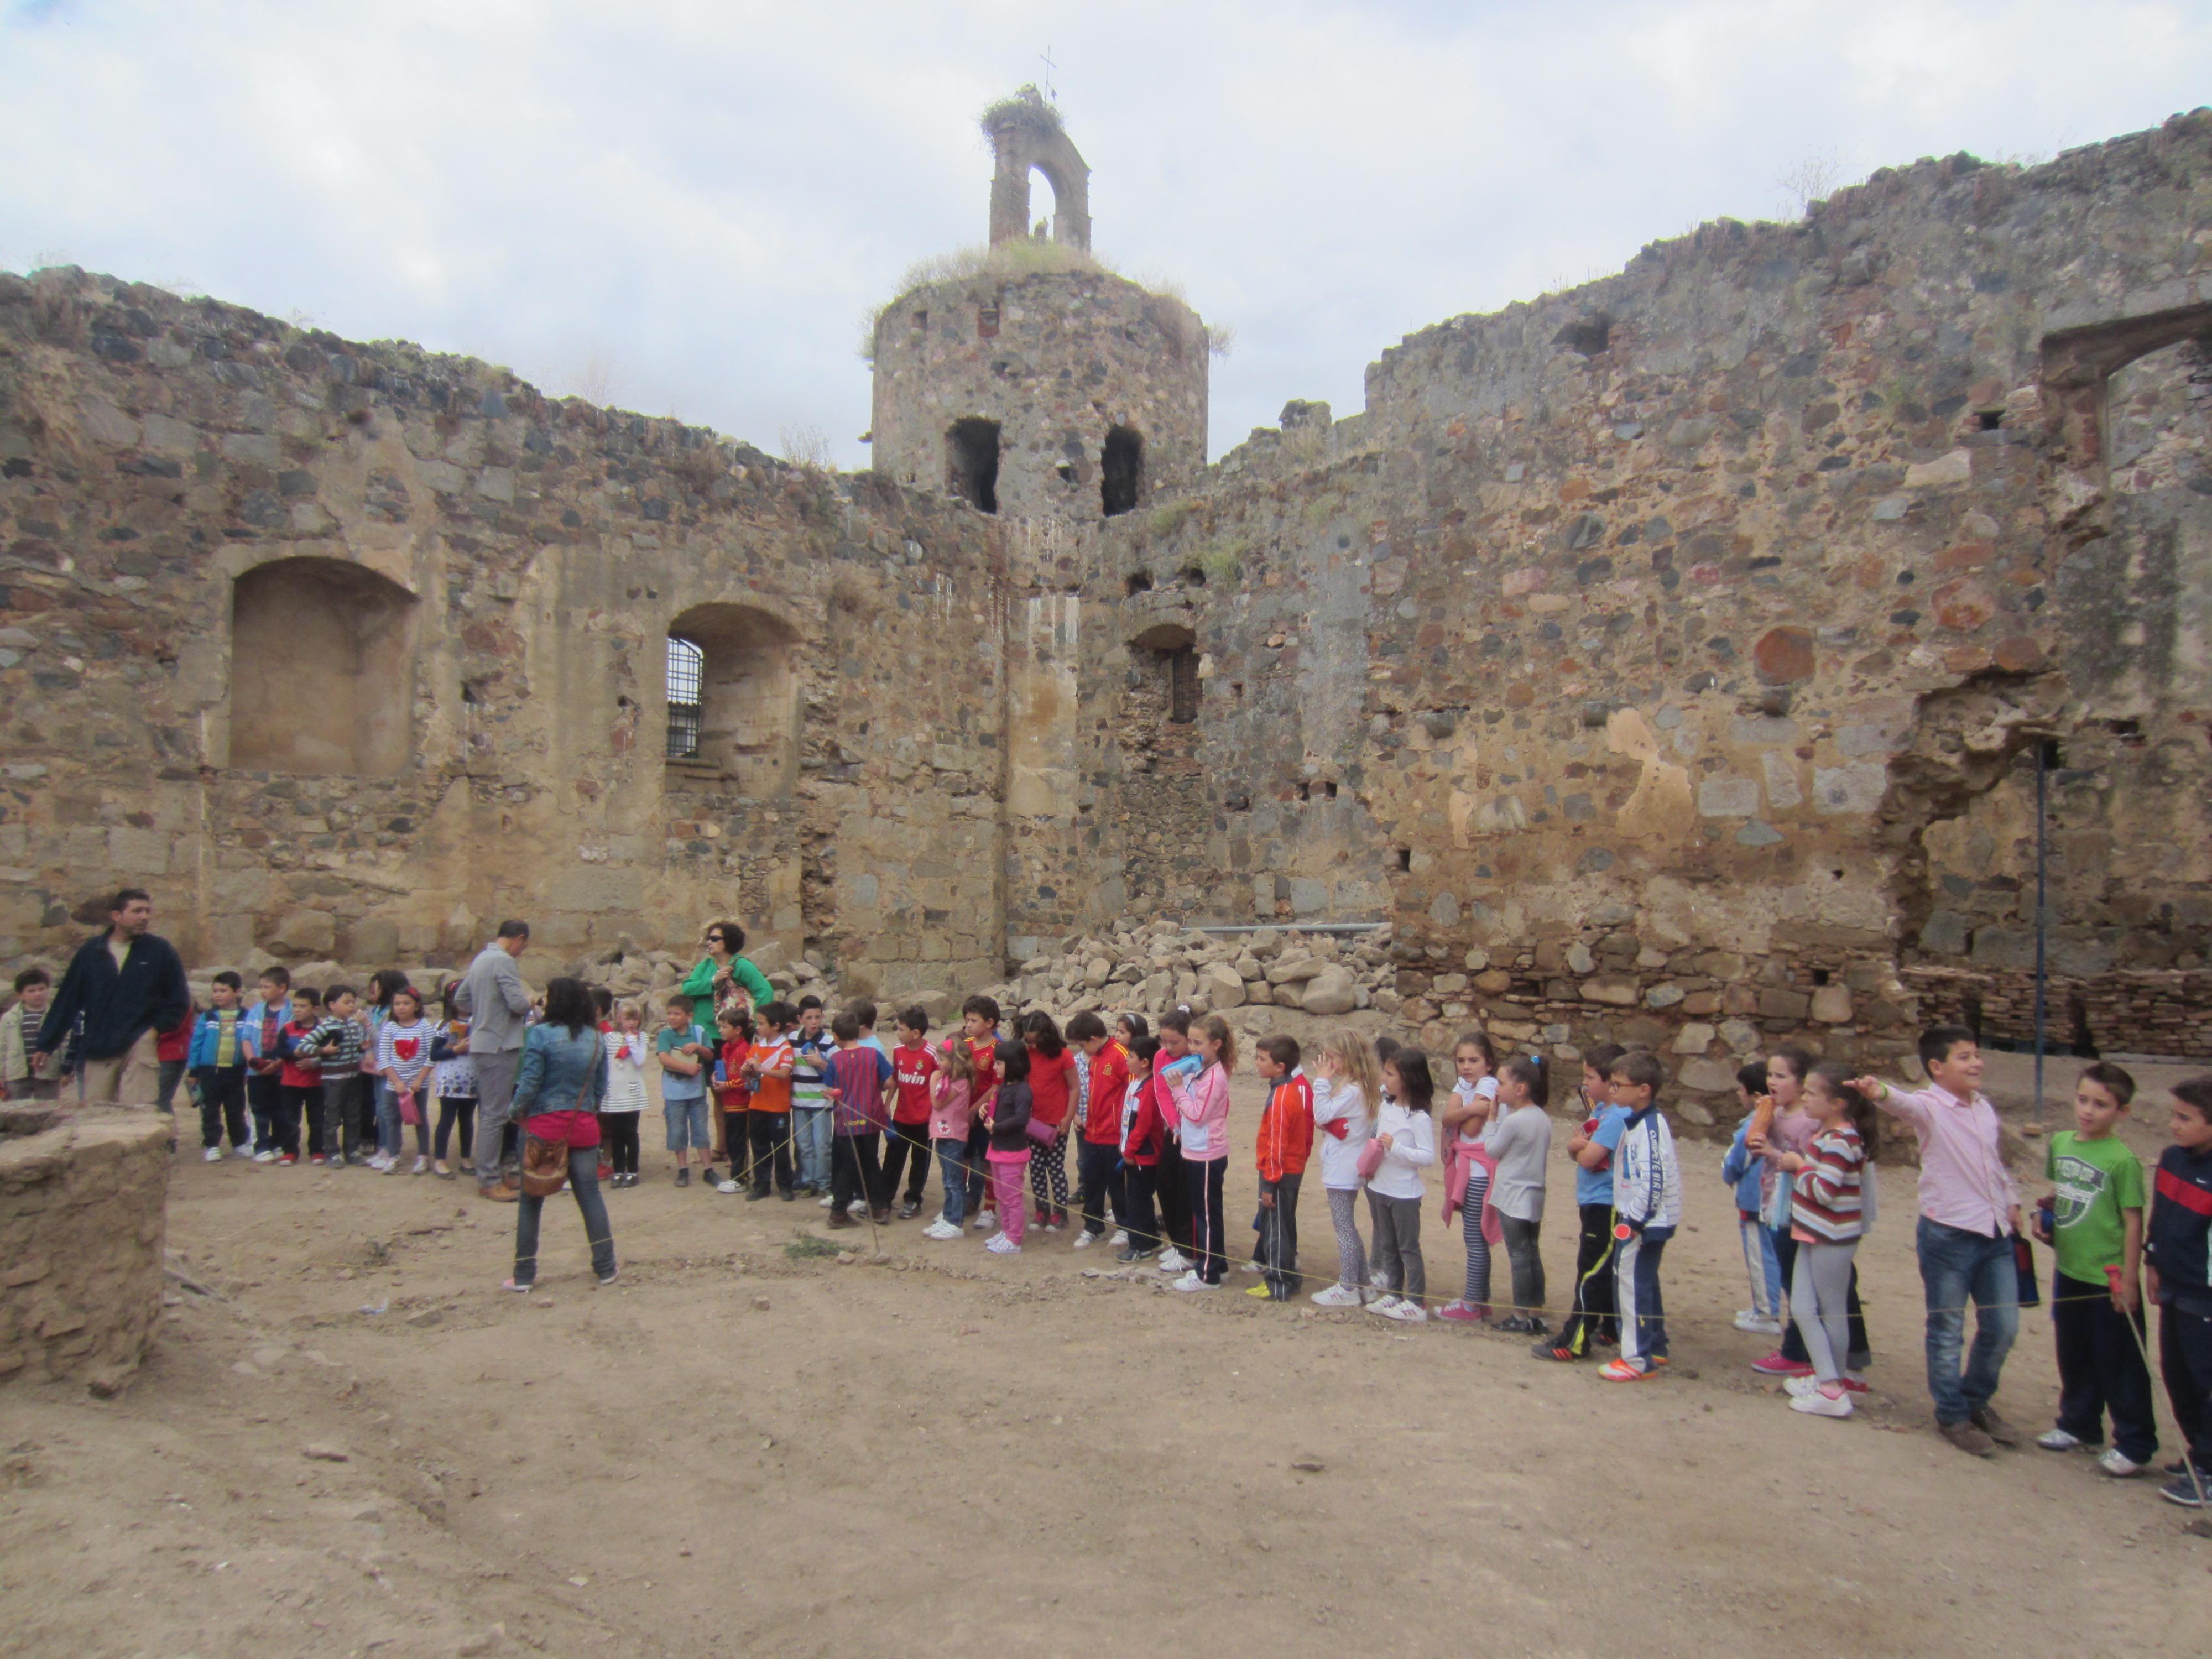 Los alumnos del calderón visitan el castillo